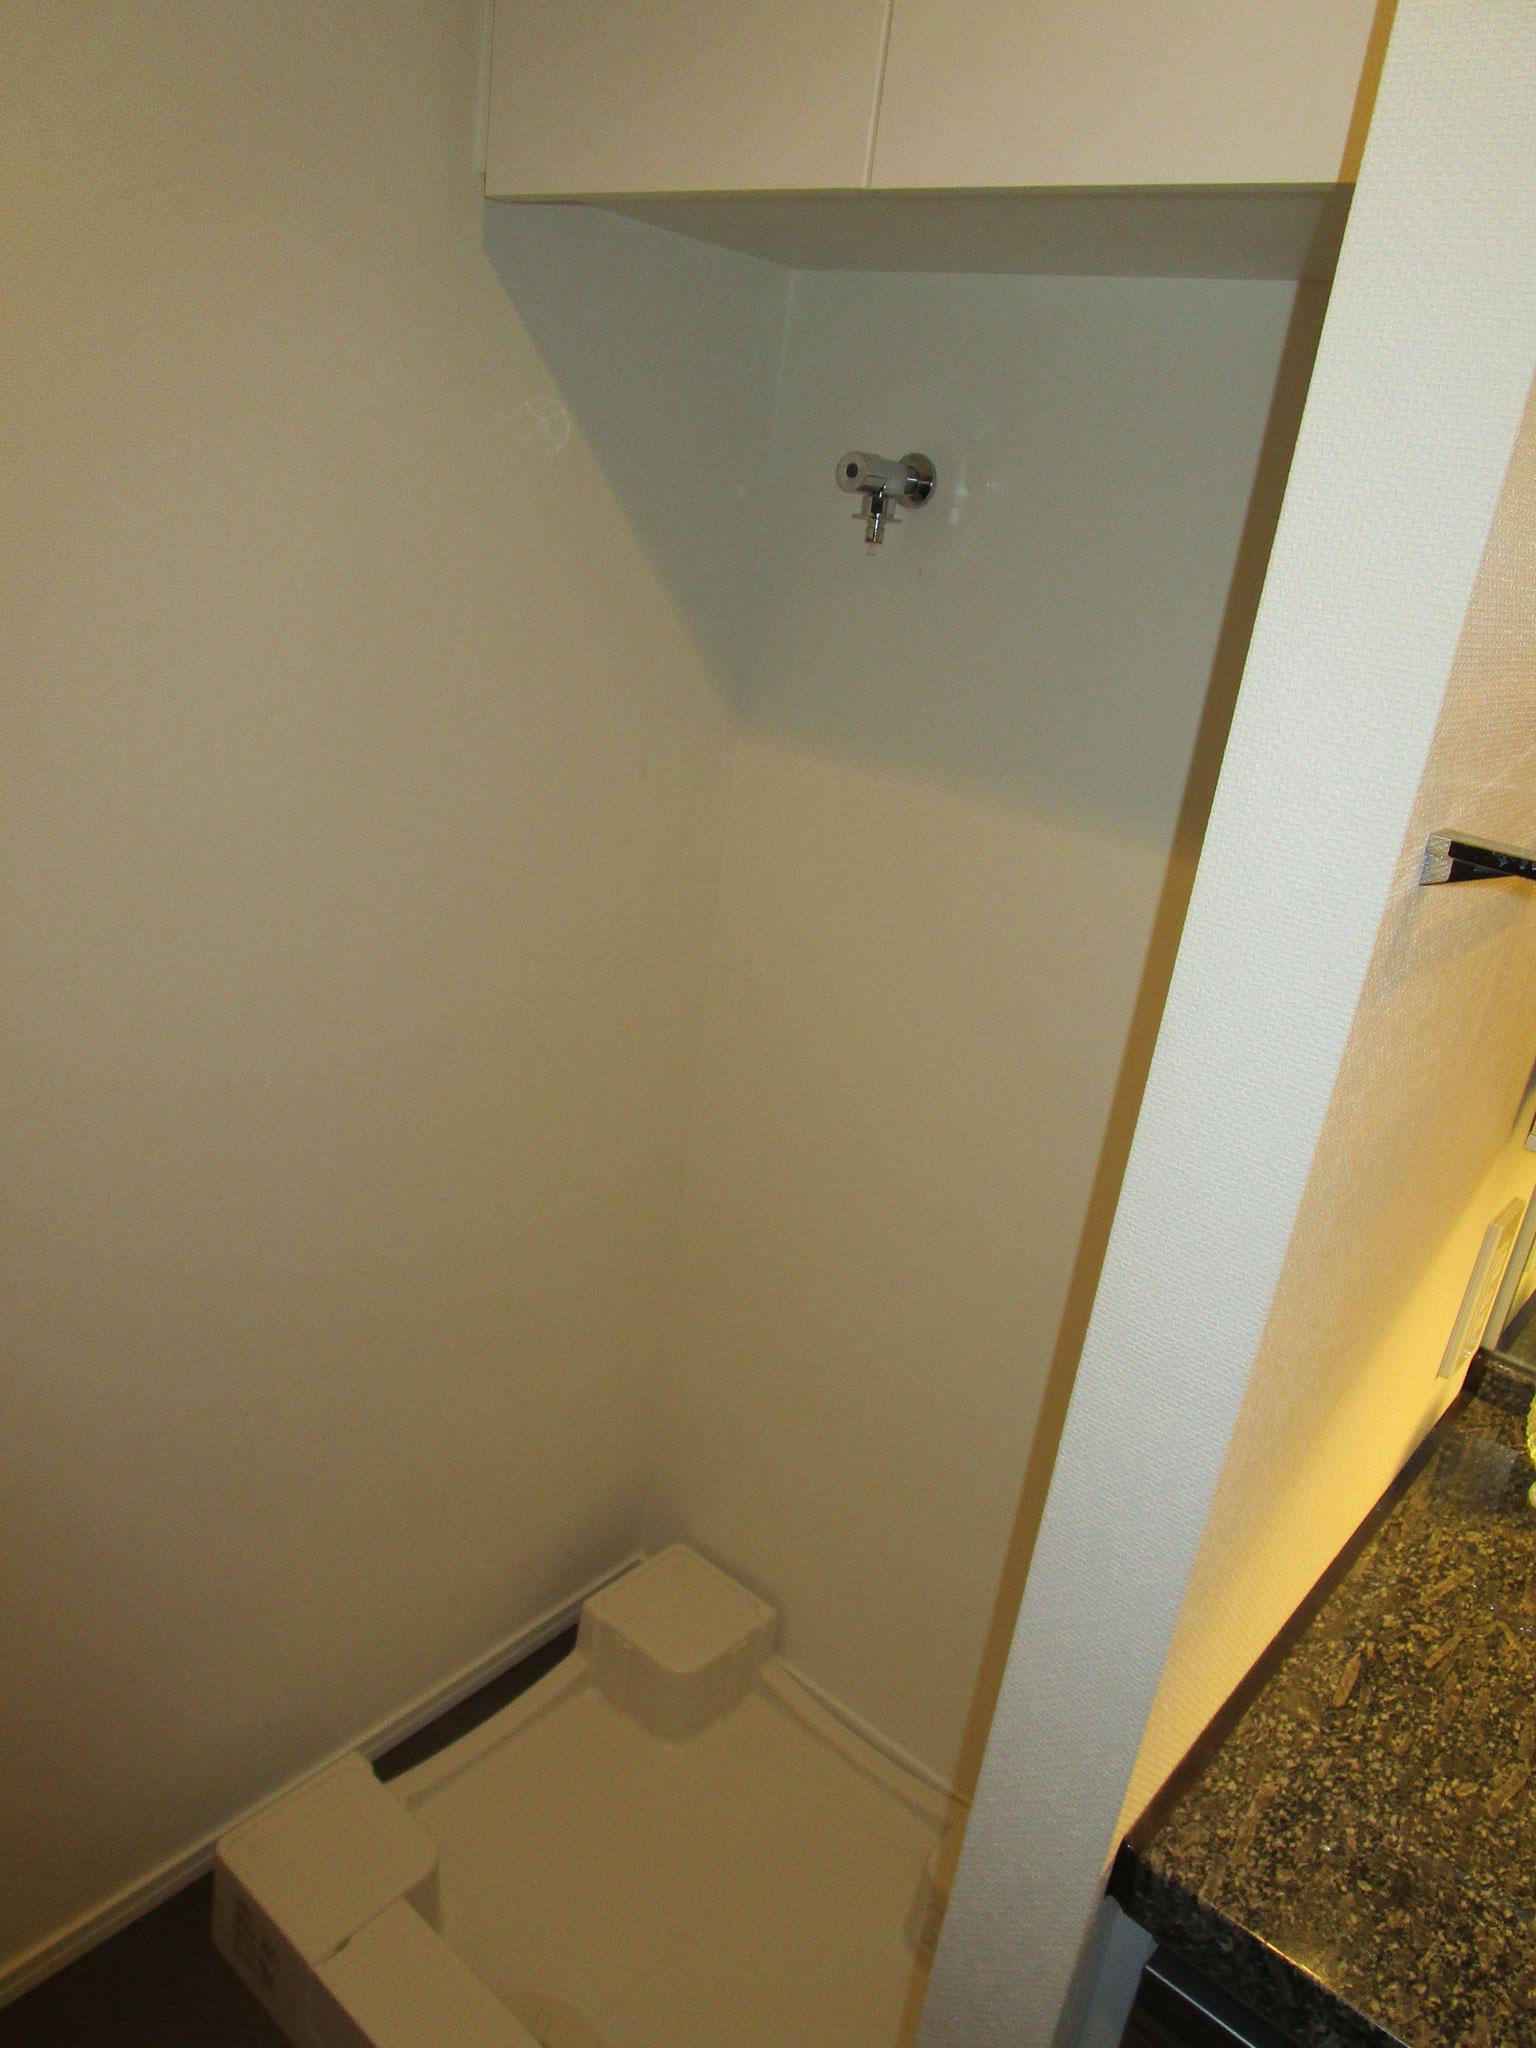 隣りは洗濯機置場。上部には収納棚